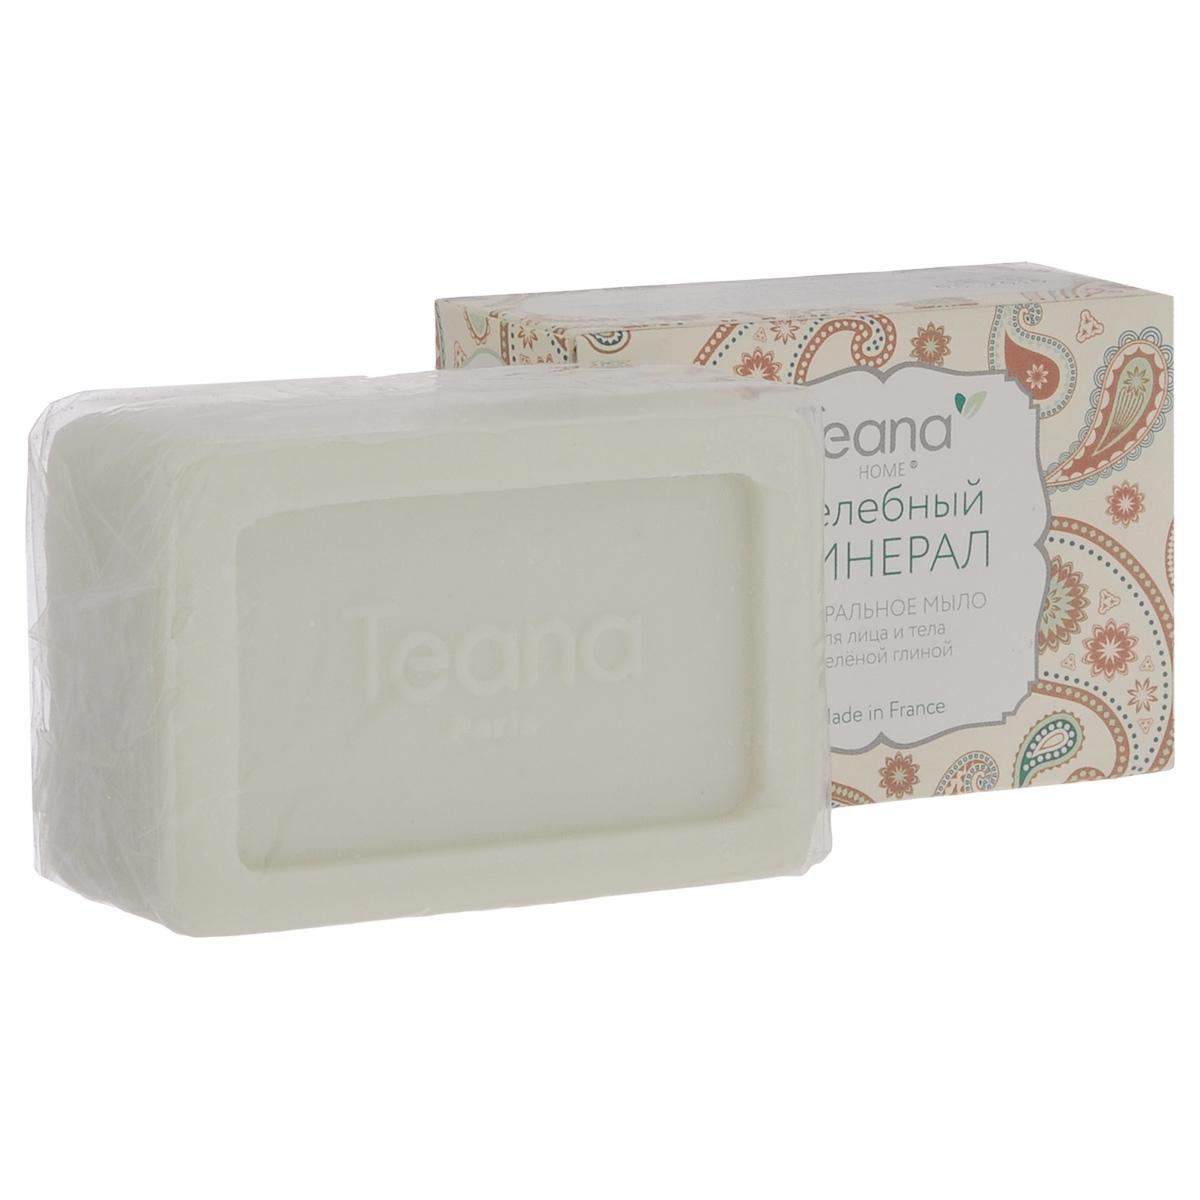 """Teana Натуральное мыло для лица и тела """"Целебный минерал"""", для жирной и проблемной кожи, с зеленой глиной, 100 г"""